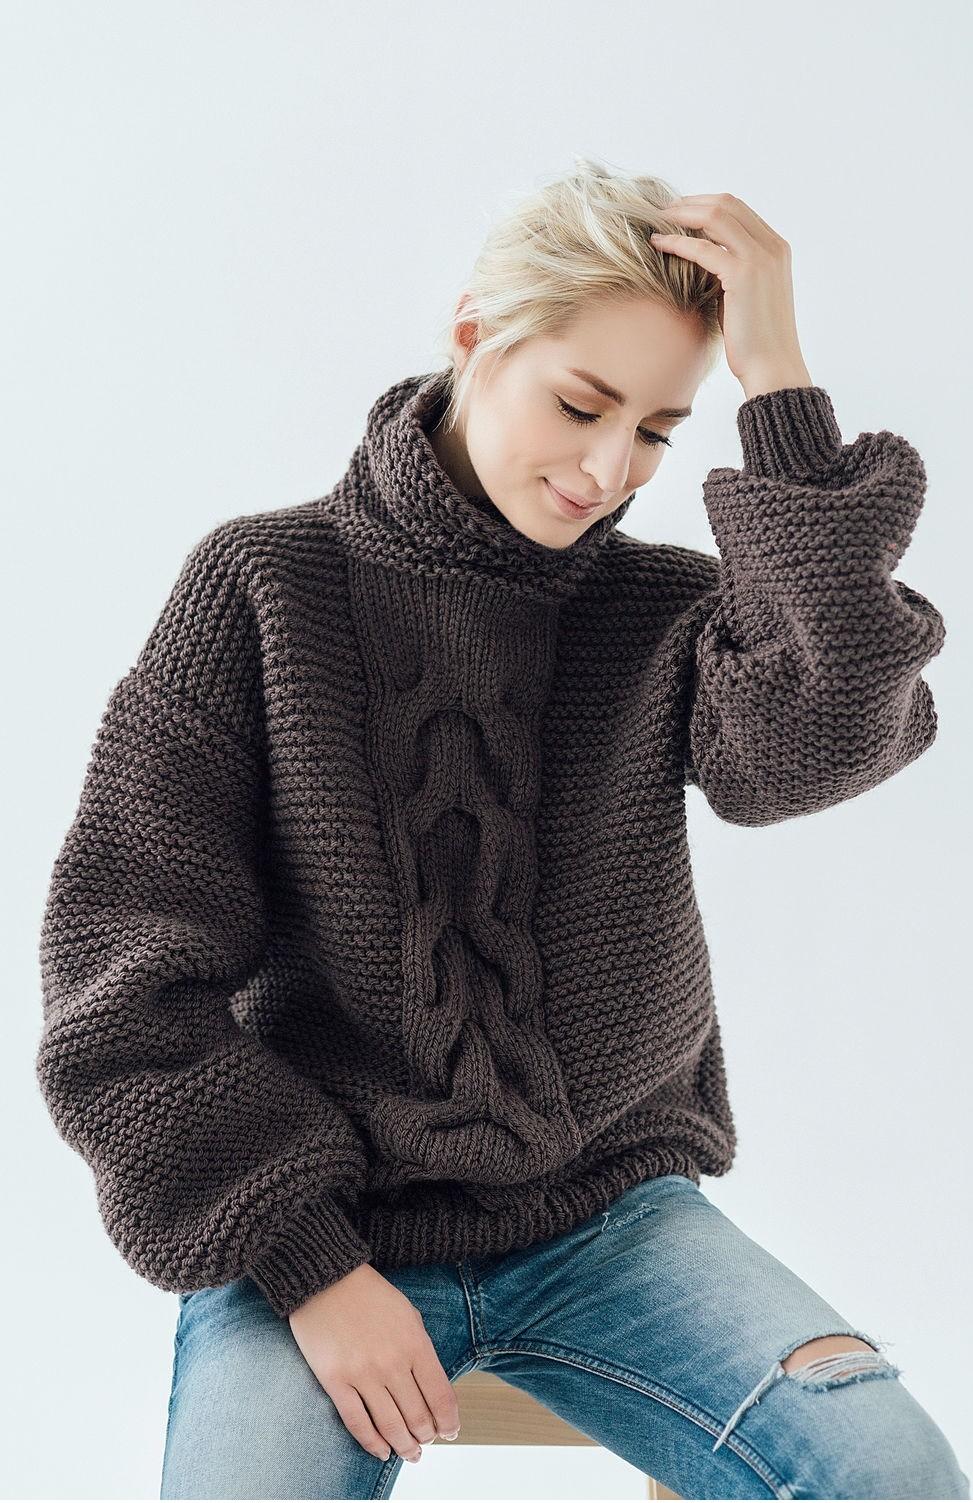 обьемный свитер коричневый с узором